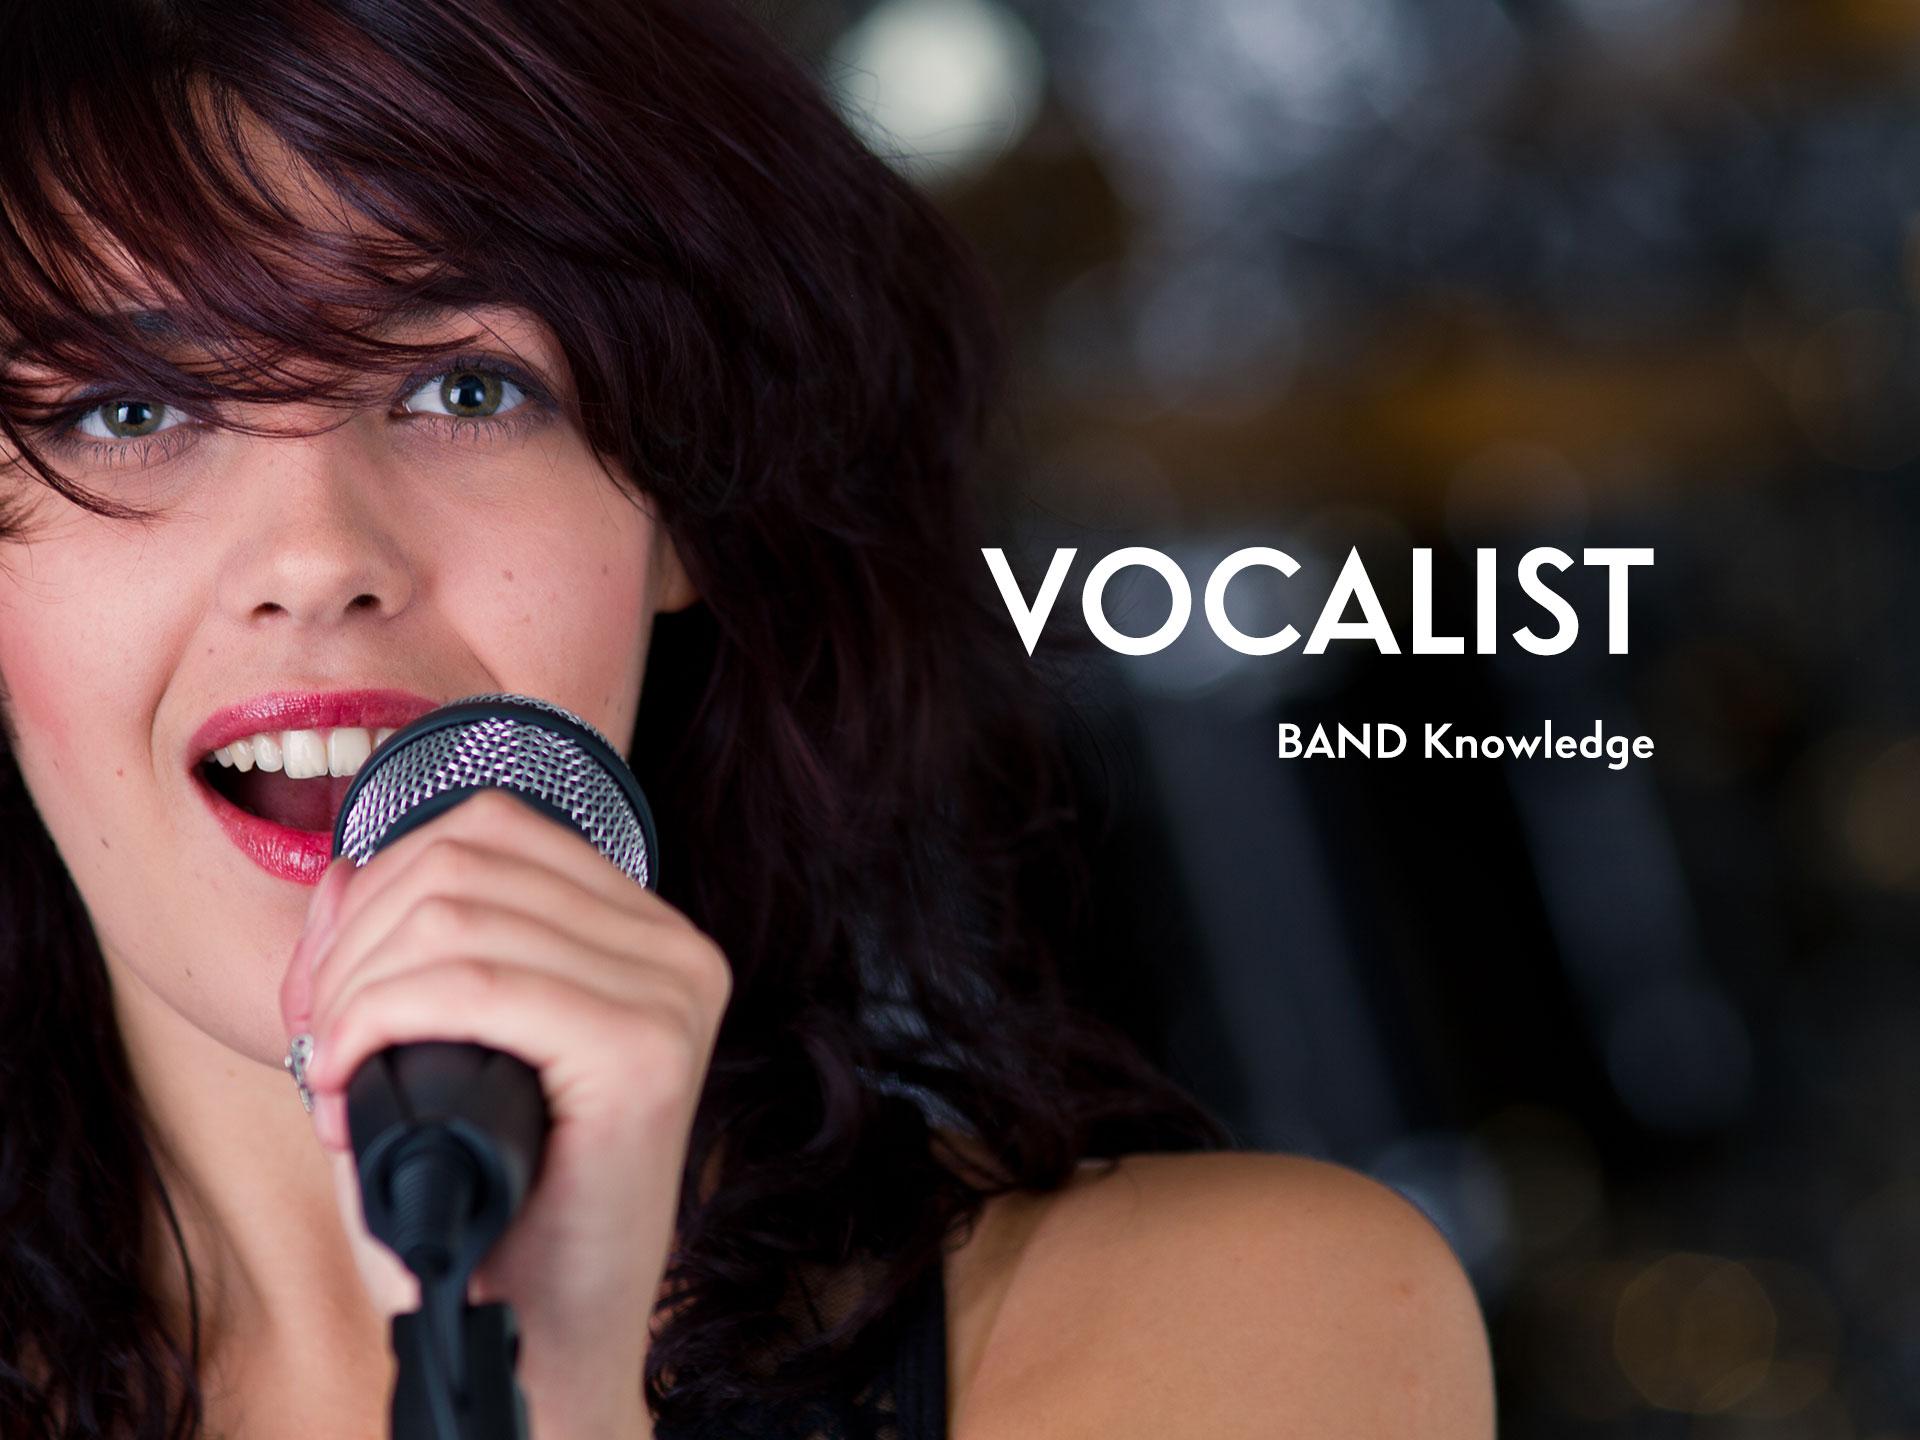 歌が上手くなる方法,練習方法技術的な基本チェック・ポイントとしてピッチ、滑舌、リズムをチェック